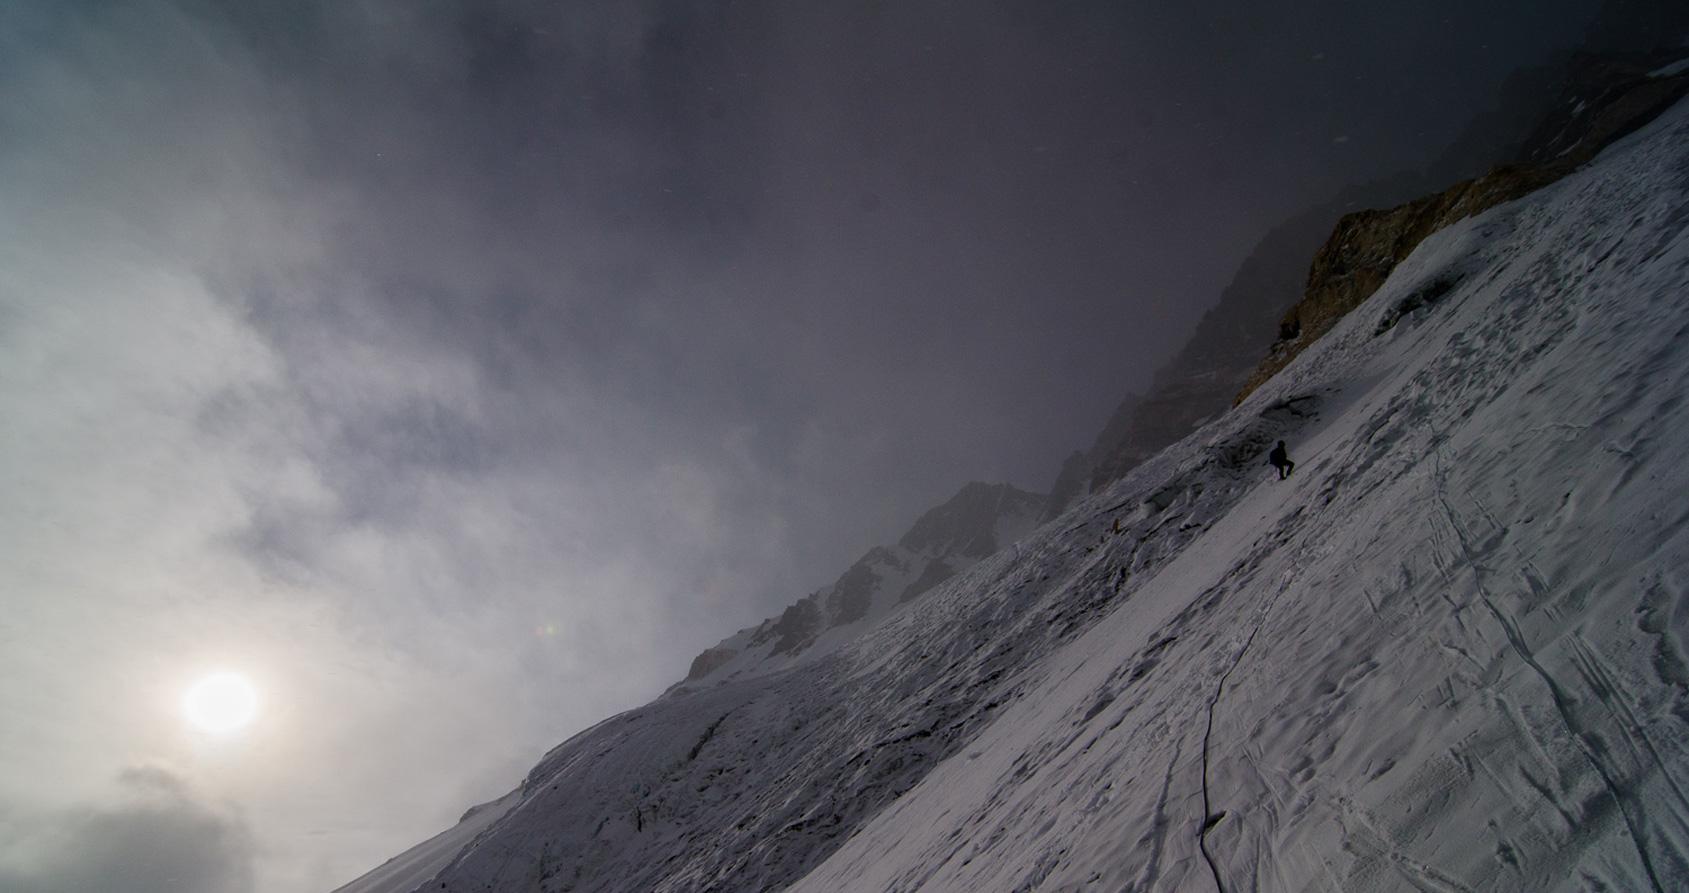 Les nouveaux défis de l'Everest découragent même ses guides les plus expérimentés